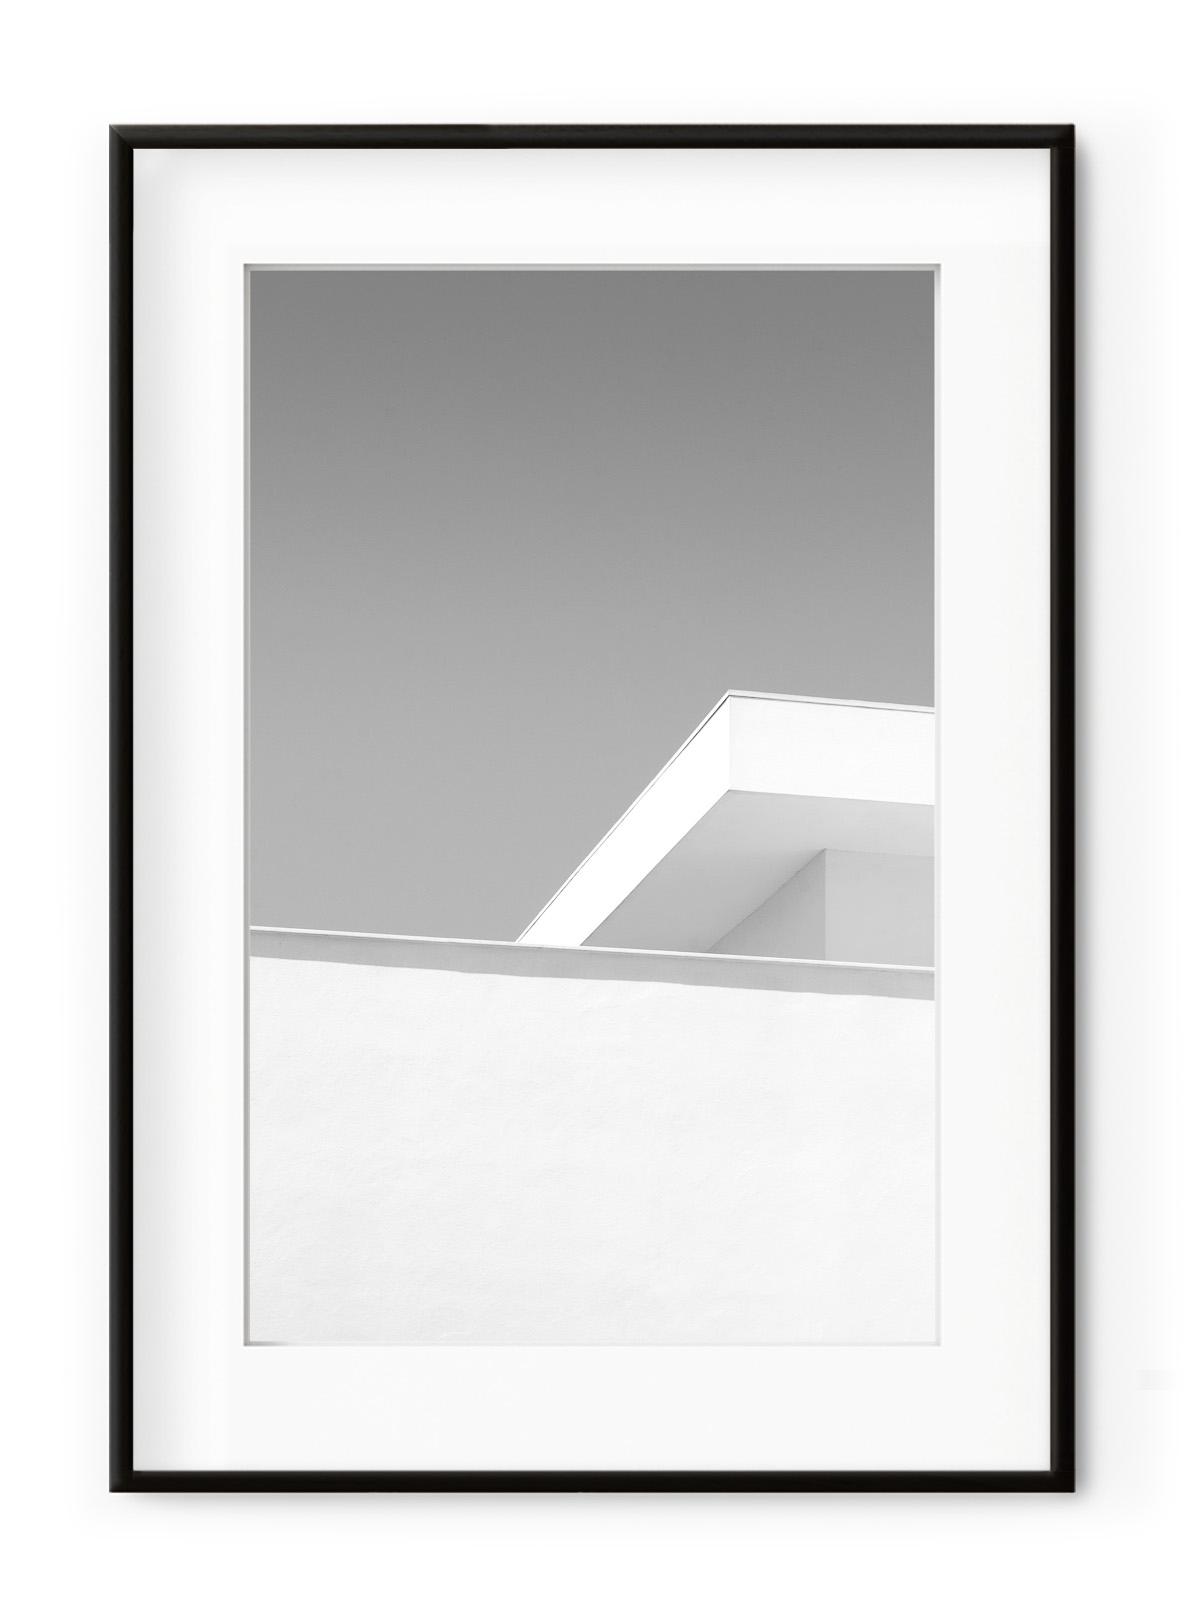 Tablou Minimal Achitecture Aluminium Noir